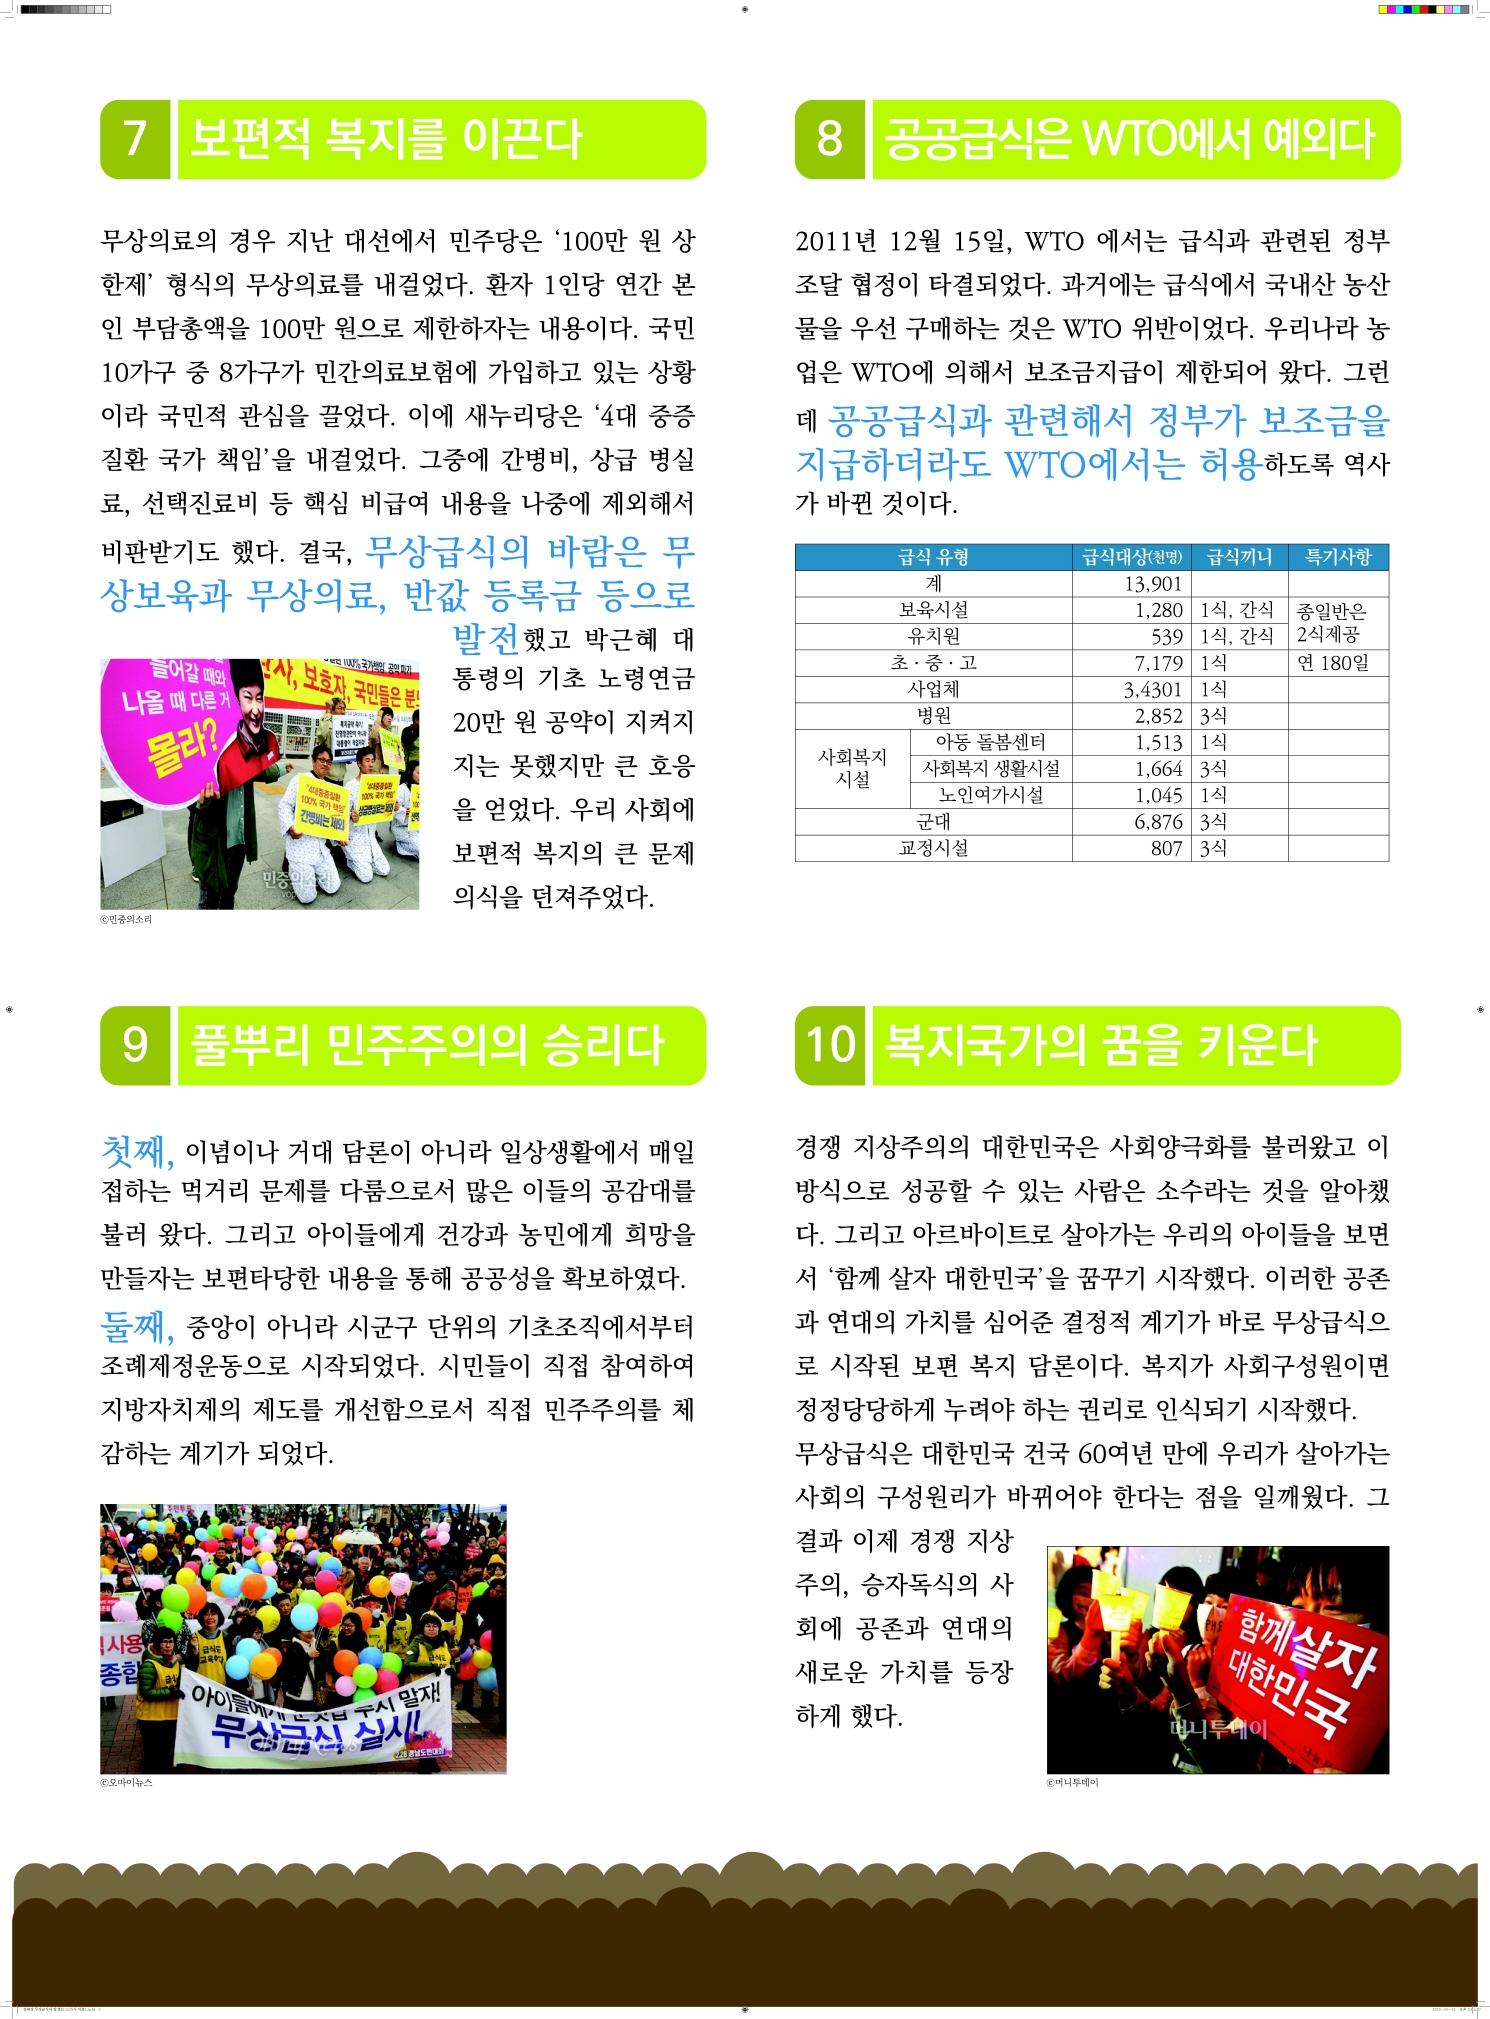 크기변환_20150621_친환경 무상급식 이유(NEW)_배경희.pdf.03.jpg